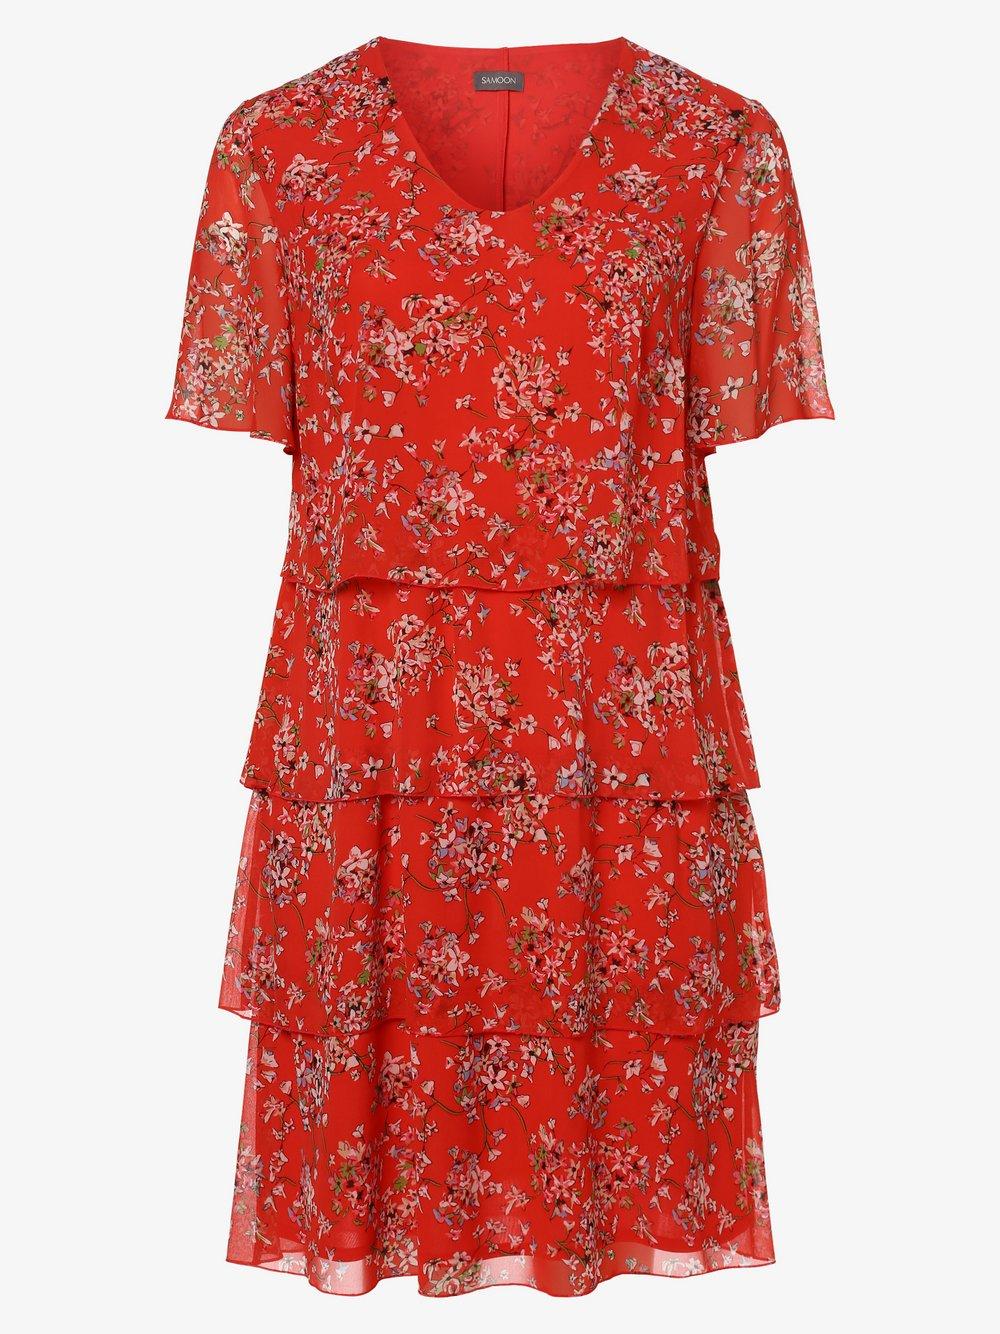 Samoon - Sukienka damska, czerwony